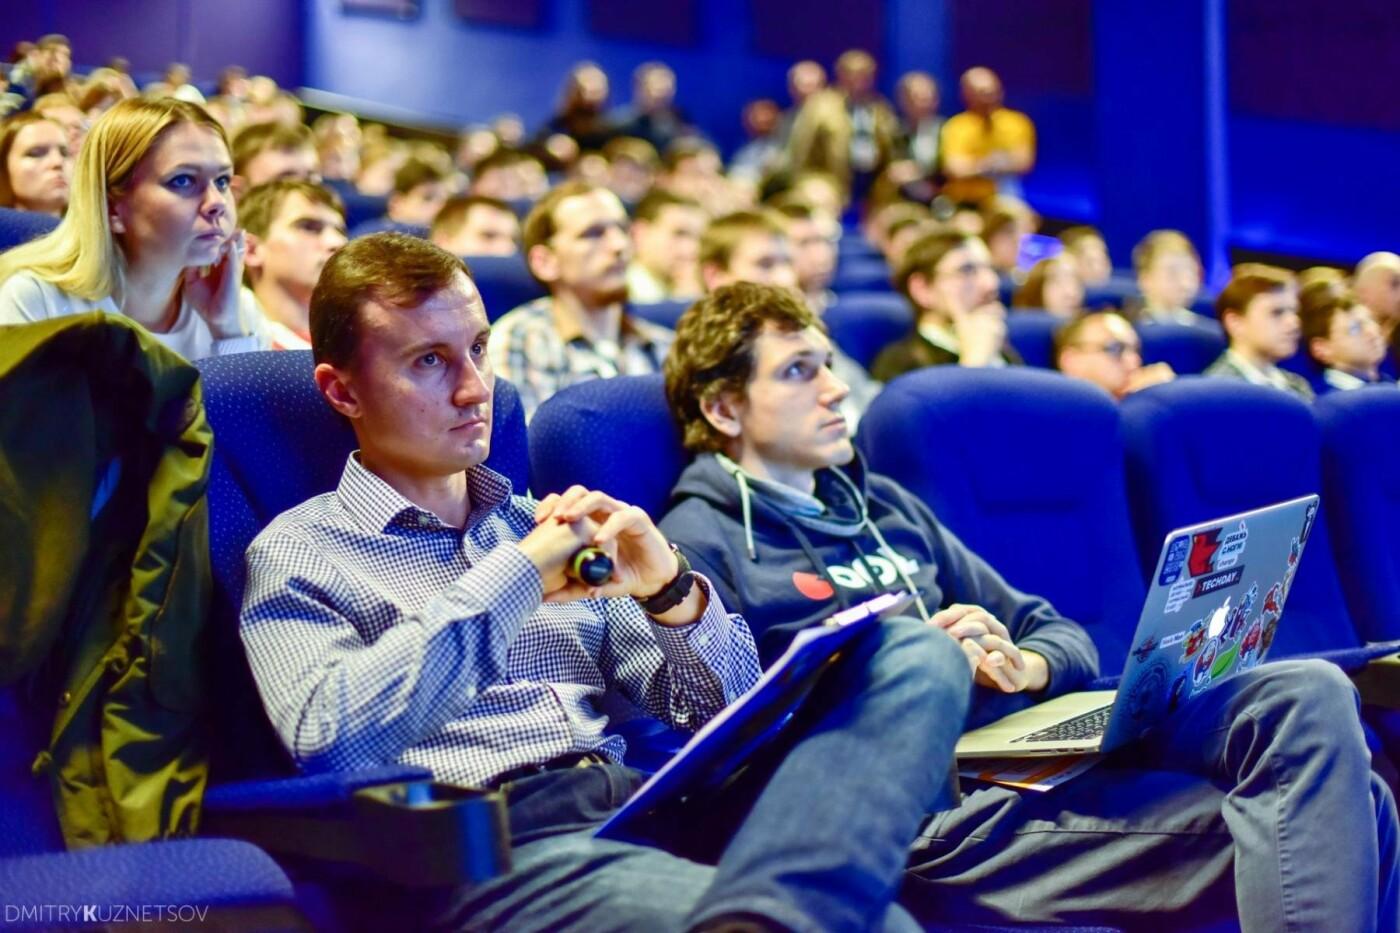 В Воронеже завершился восьмой региональный интернет-форум «РИФ», фото-1